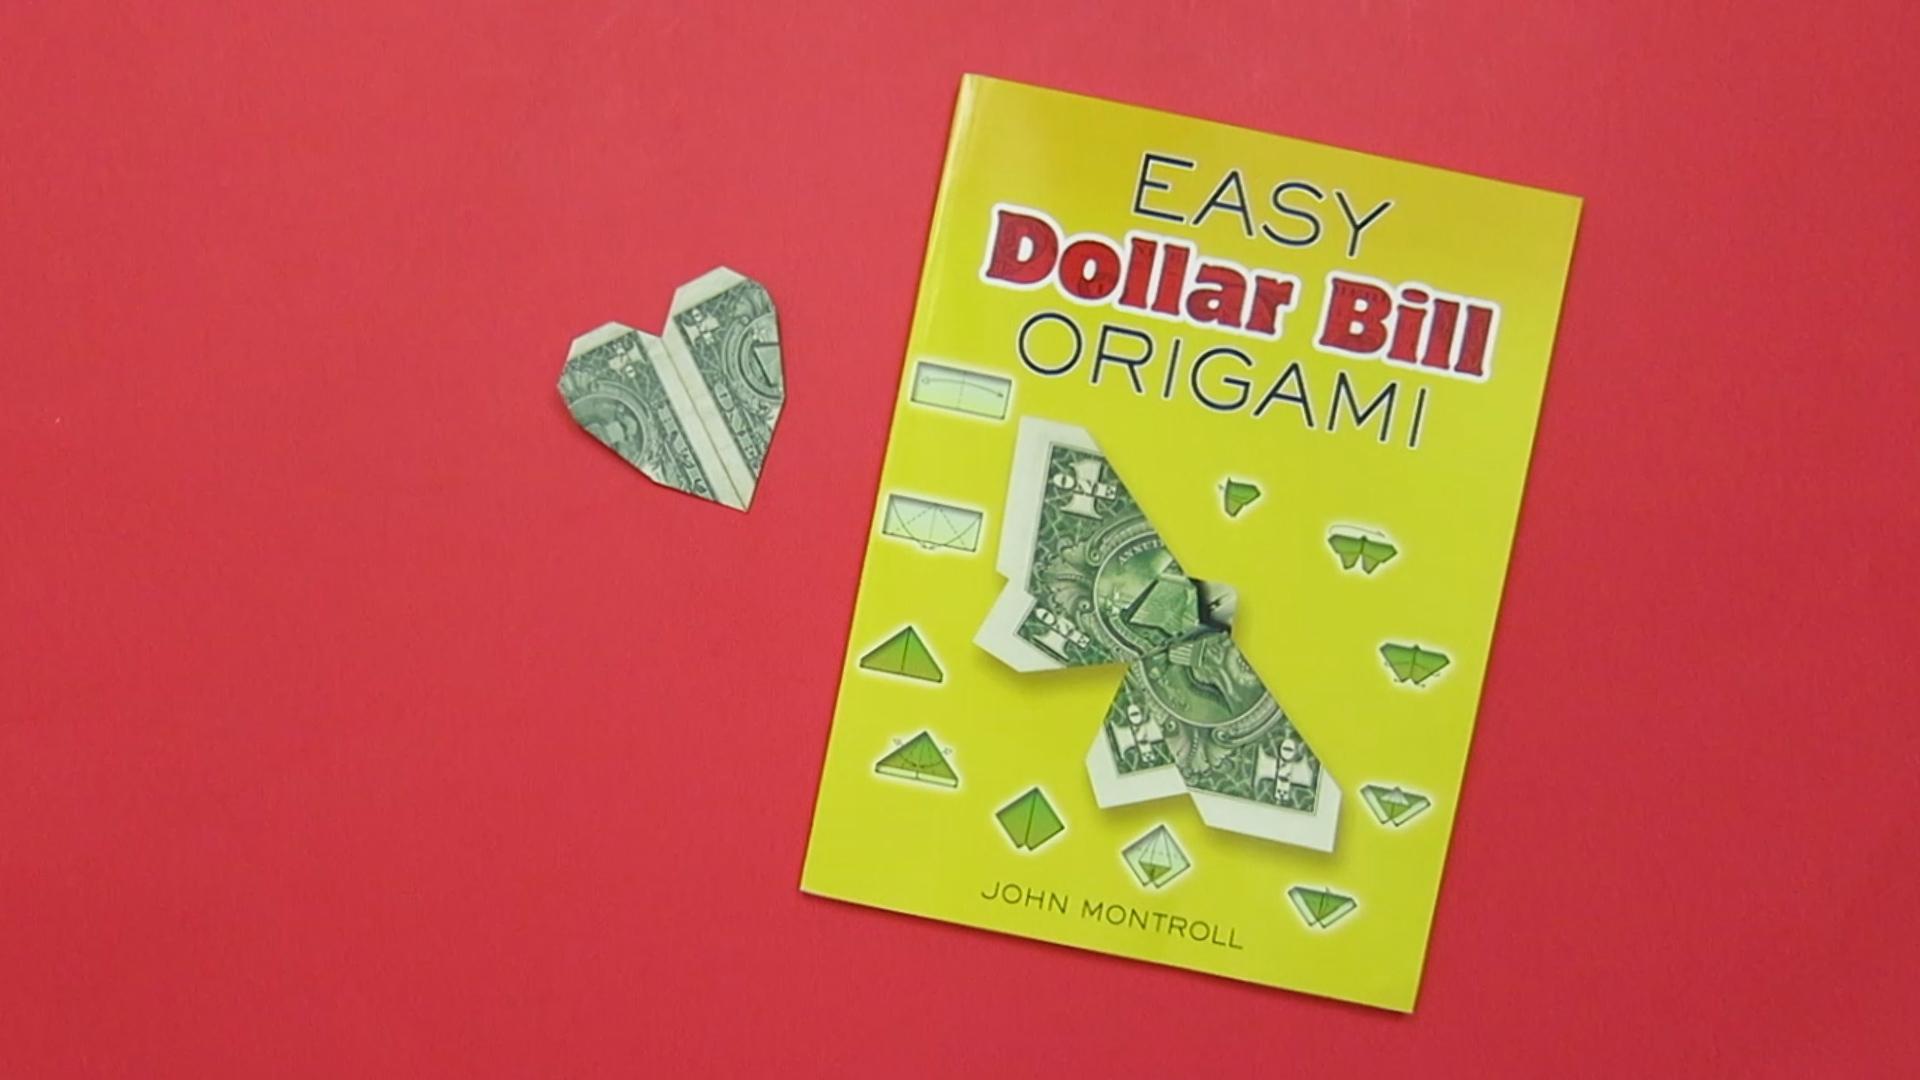 Heart Dollar Bill Origami c.jpg